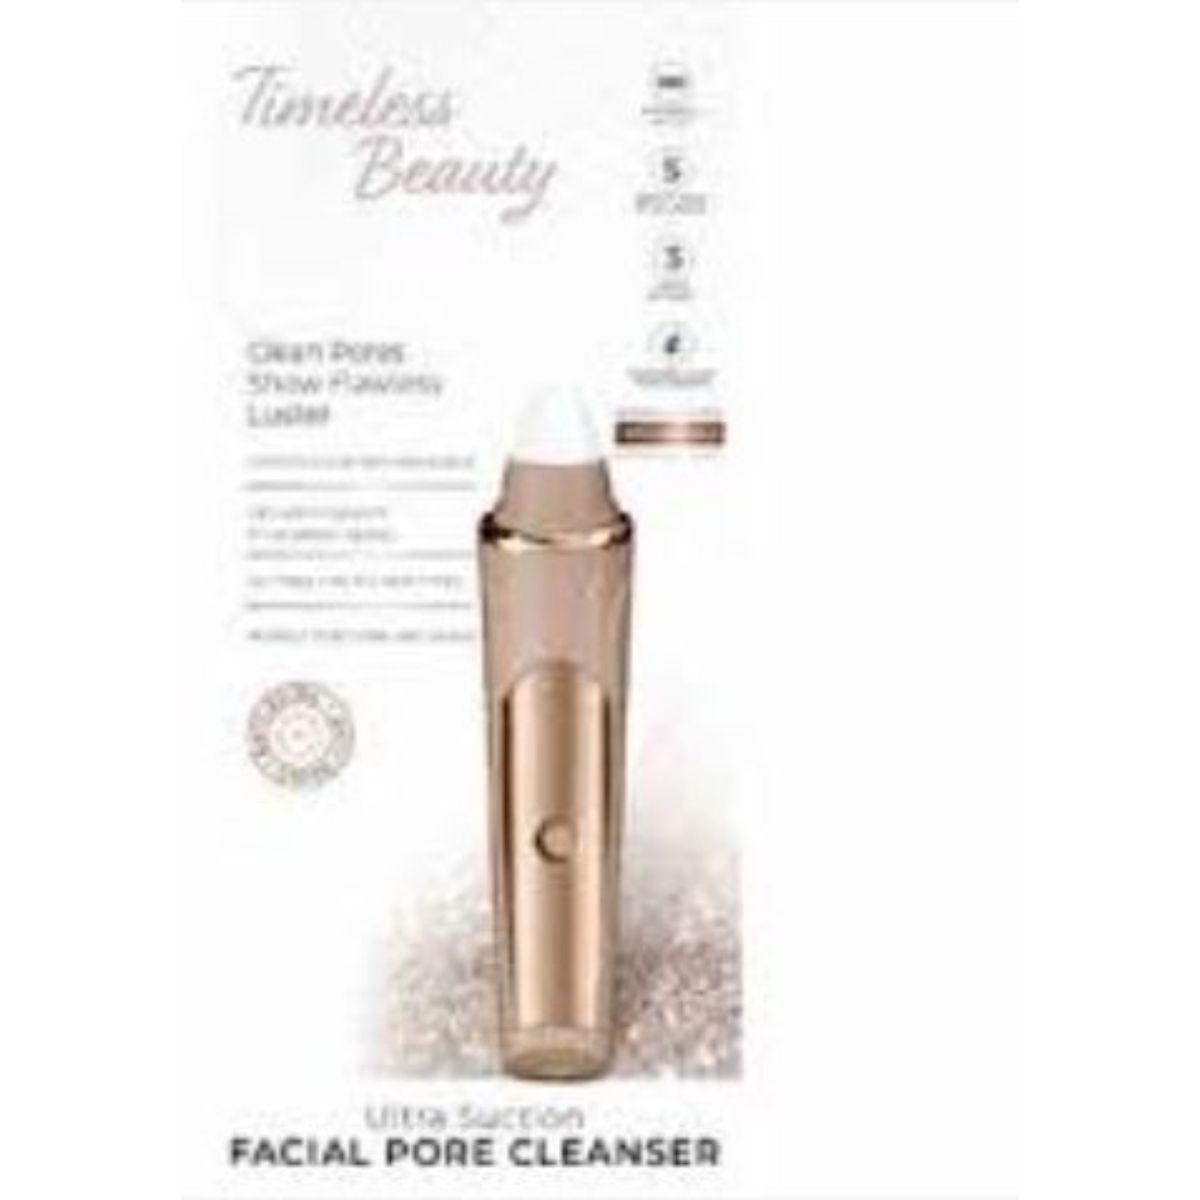 limpiador de poros facial de belleza 3 1